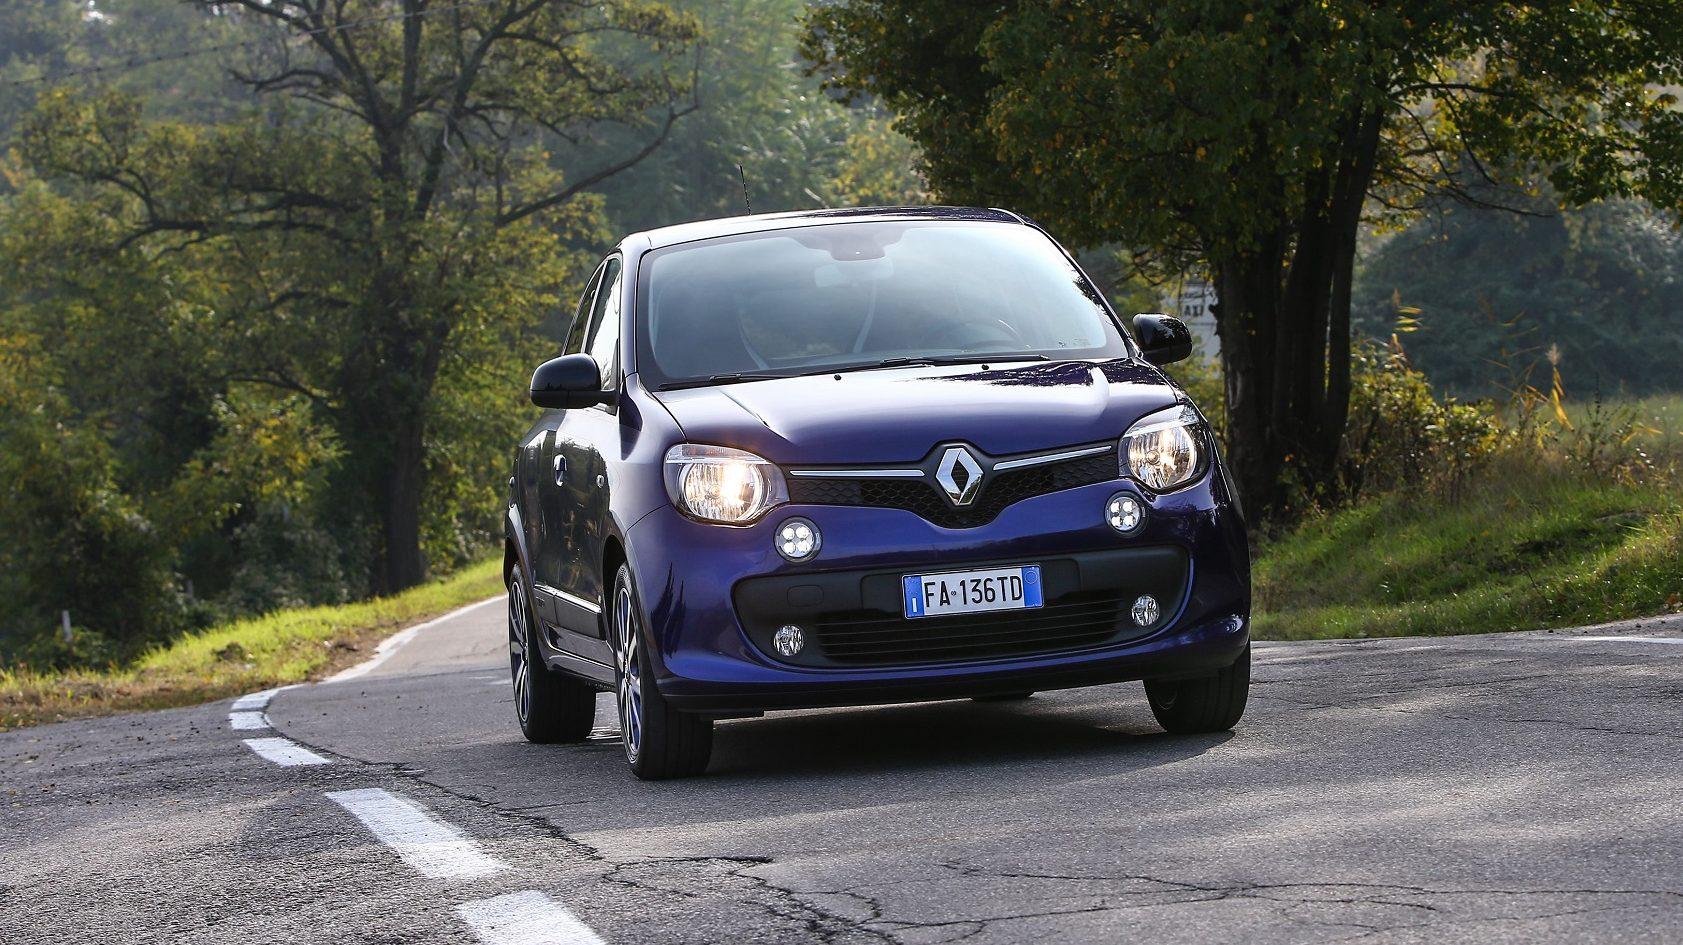 Se a 3ª geração do Twingo estava mais para um Renault 5, sua quarta geração será, literalmente, um R5